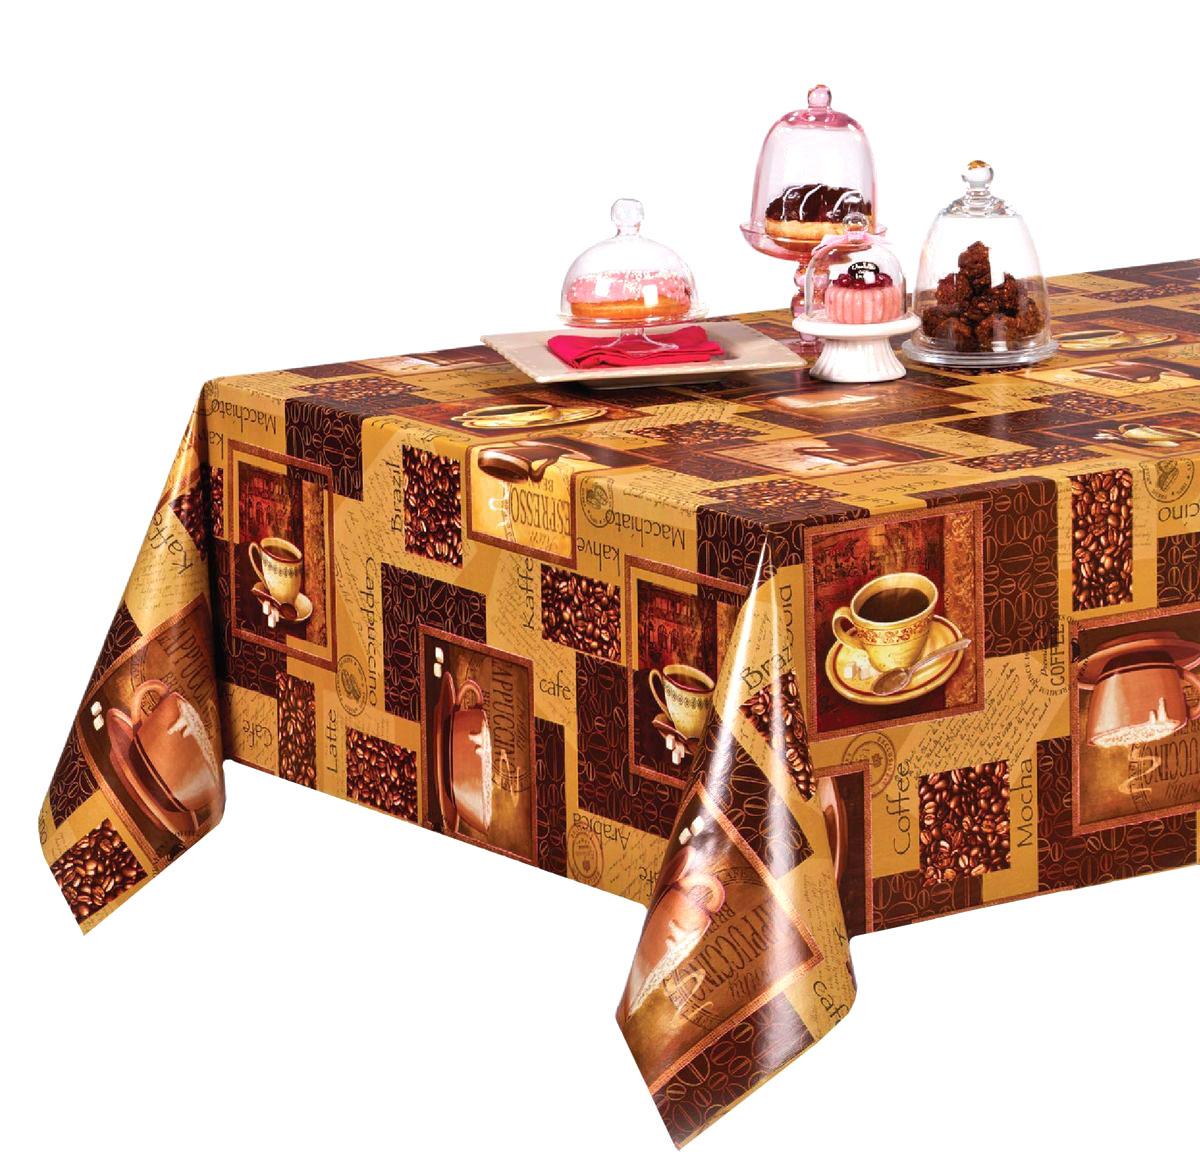 Столовая клеенка LCadesi Florista, прямоугольная, 140 х 200 см. FL140200-004-00FL100140-286-02Столовая клеенка Florista с ярким дизайном украсит ваш стол и защитит его от царапин и пятен. Благодаря основе из нетканого материала не скользит по столу. Клеенка не имеет запаха и совершенно безопасна для человека.